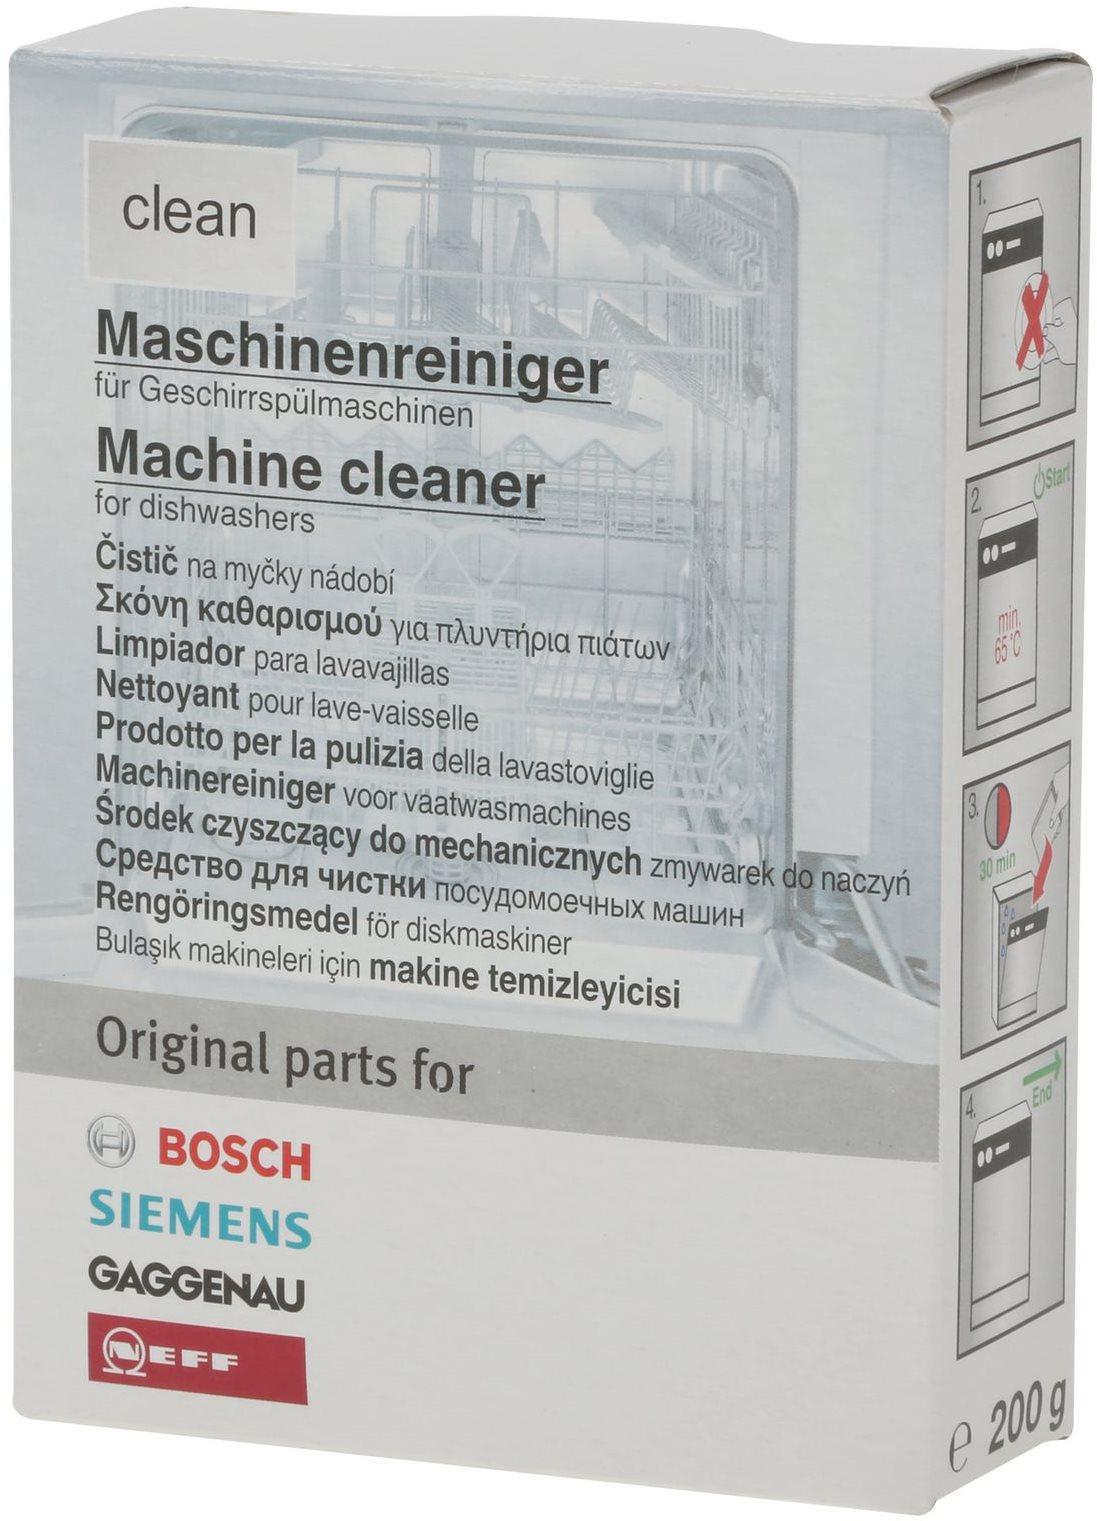 BOSCH tisztítópor mosogatógépekhez